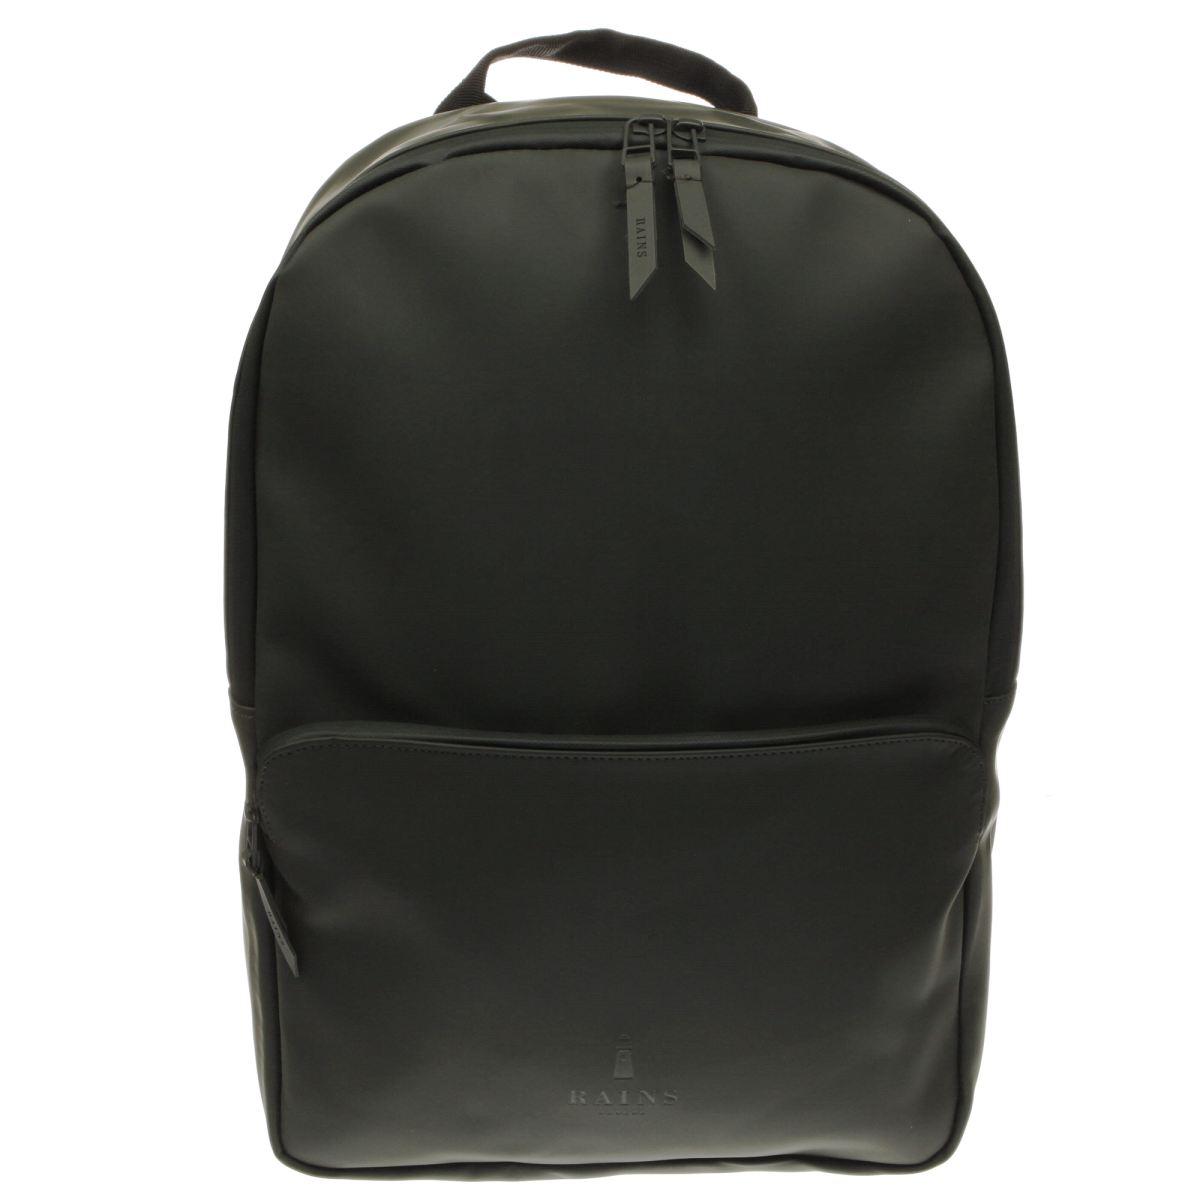 Rains Rains Khaki Feild Bag Bags